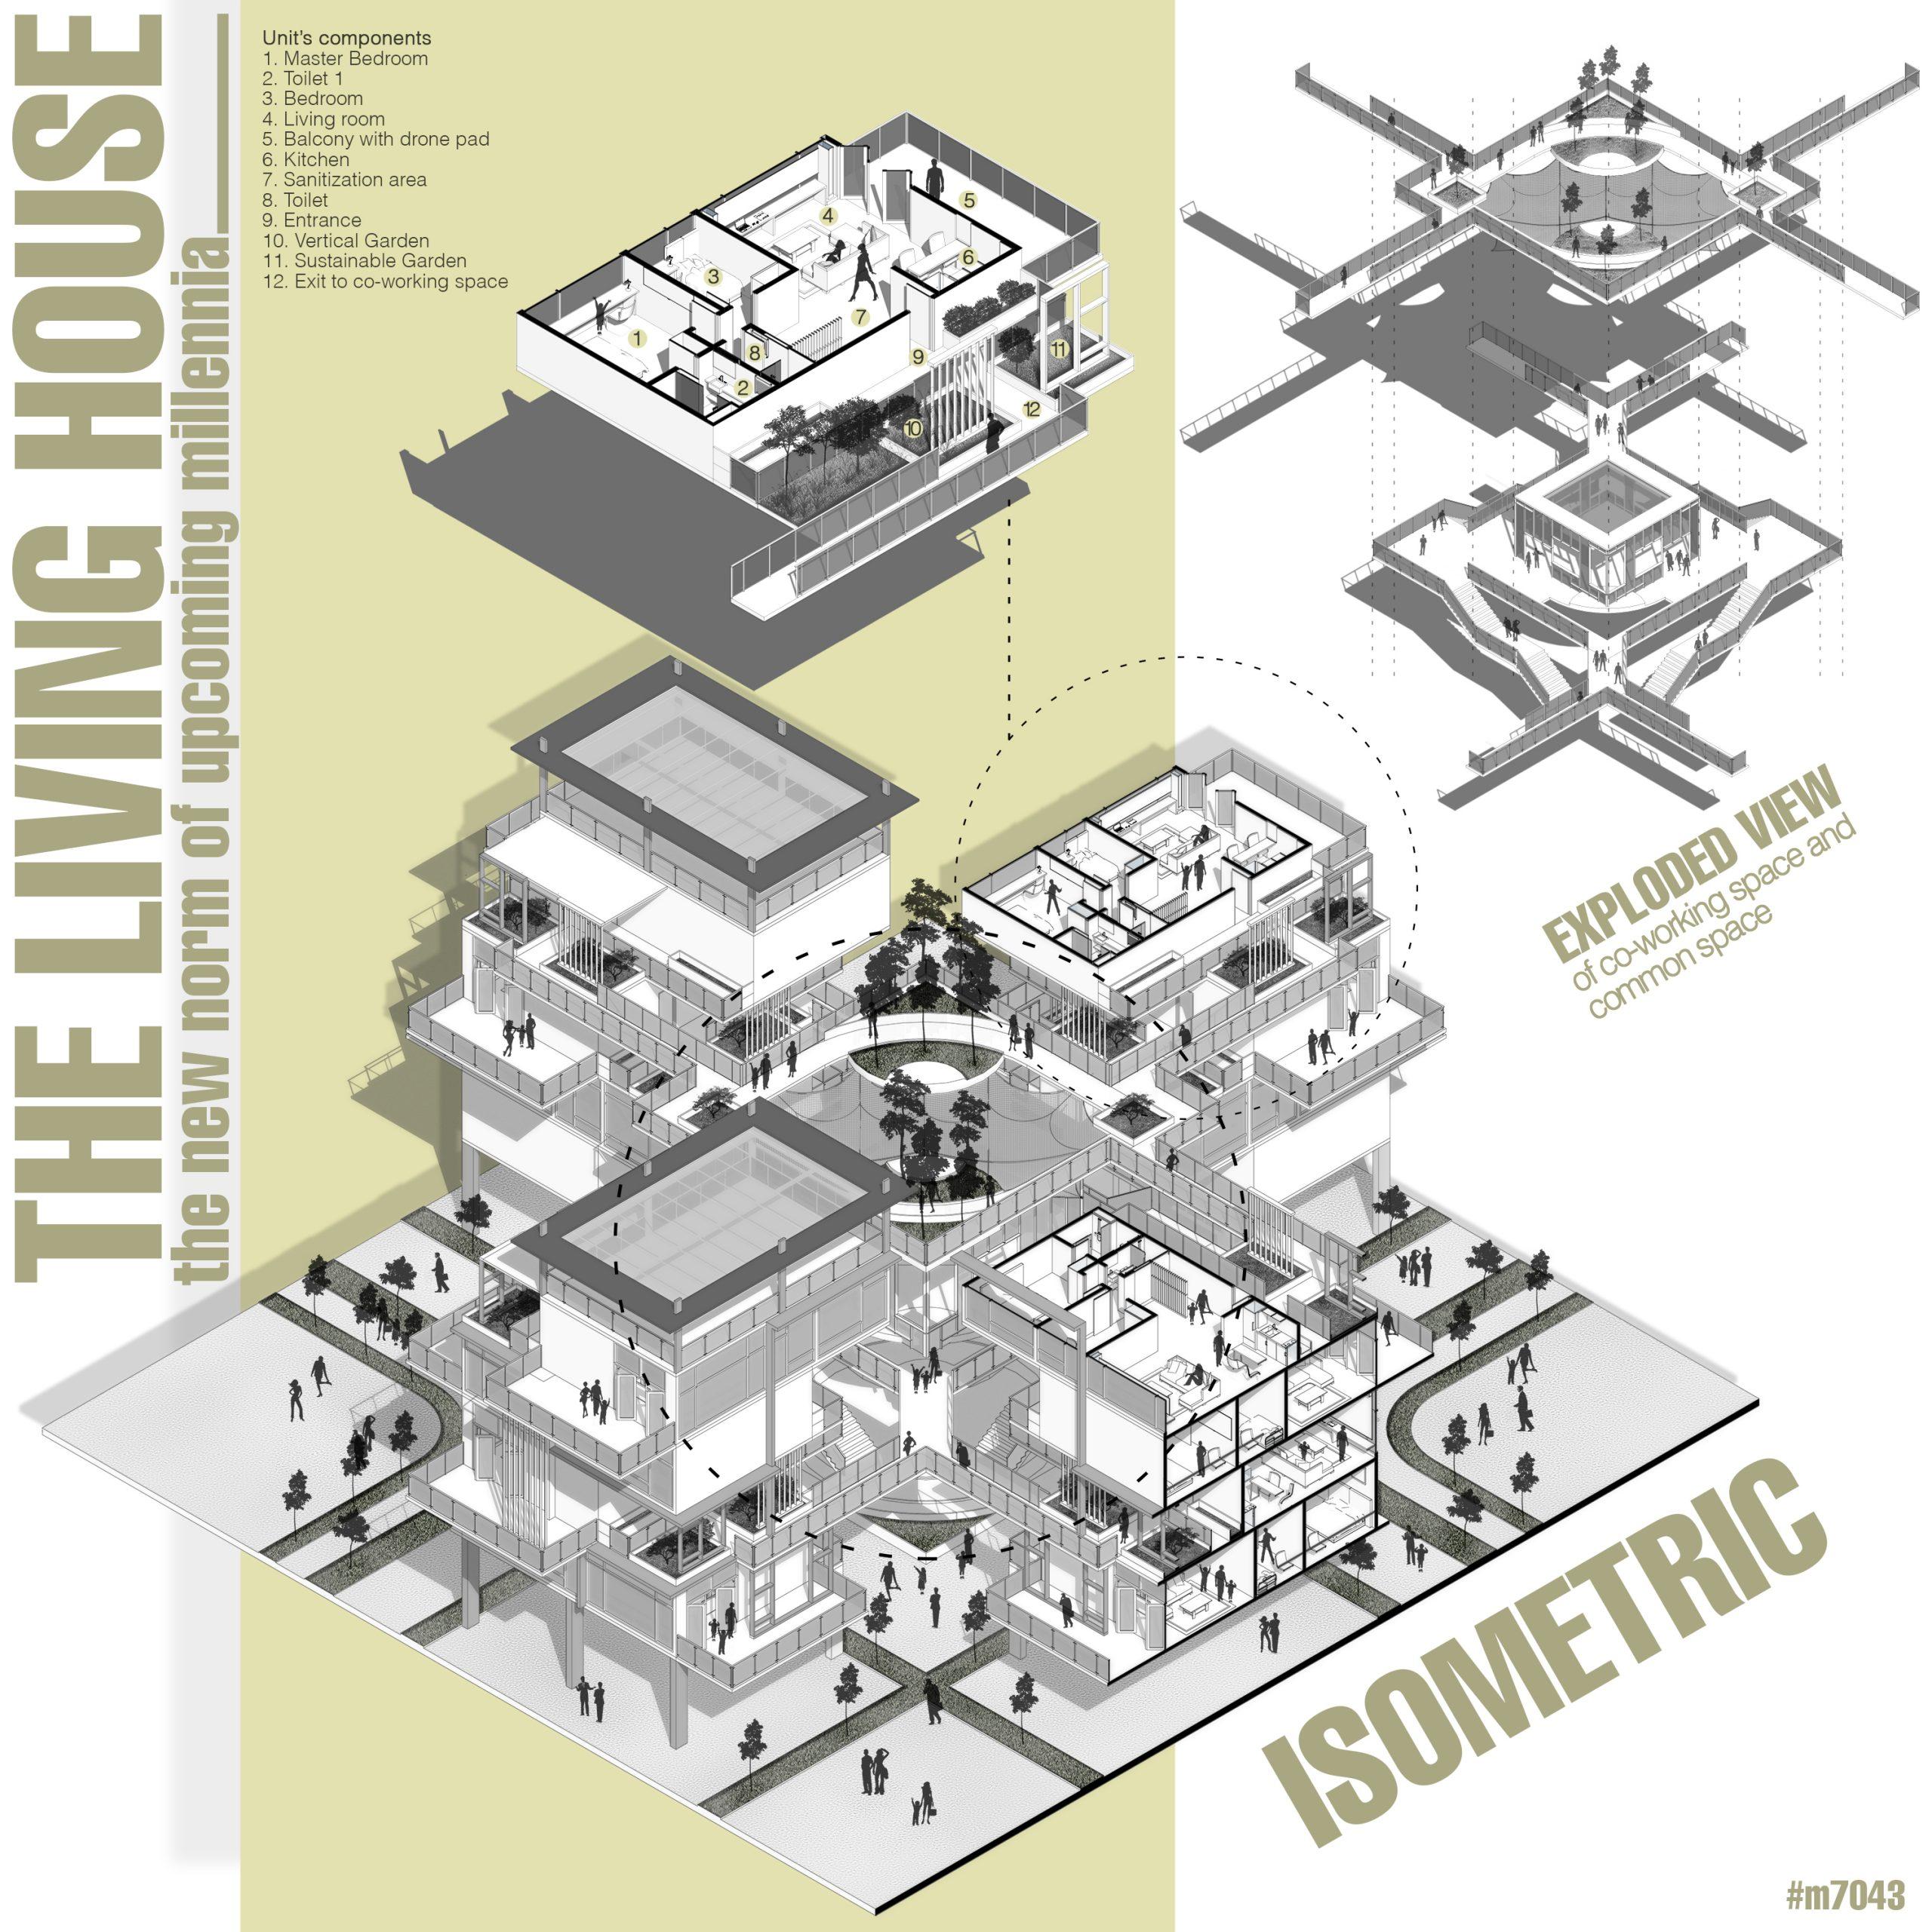 THE LIVING HOUSE - by Adil Imran, Syafiq Karim & Nadiy Abdul Rahim